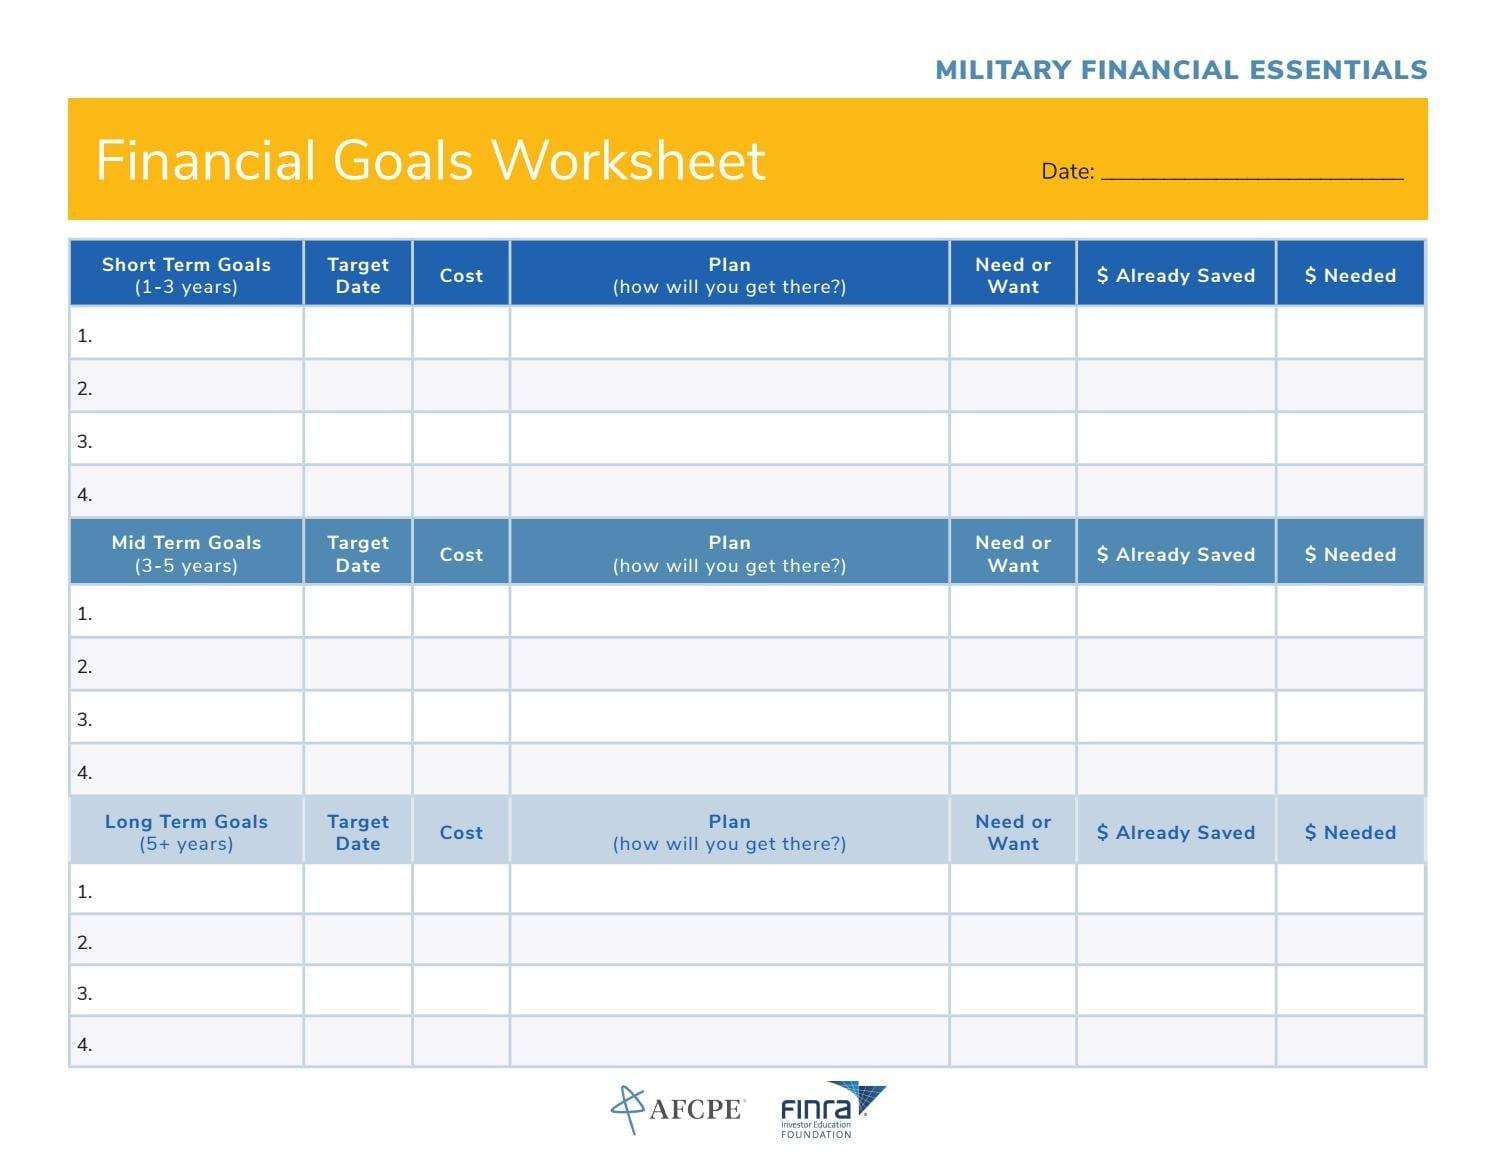 Financial Goals Worksheethhc 807Th Mcds  Issuu Pertaining To Financial Goals Worksheet